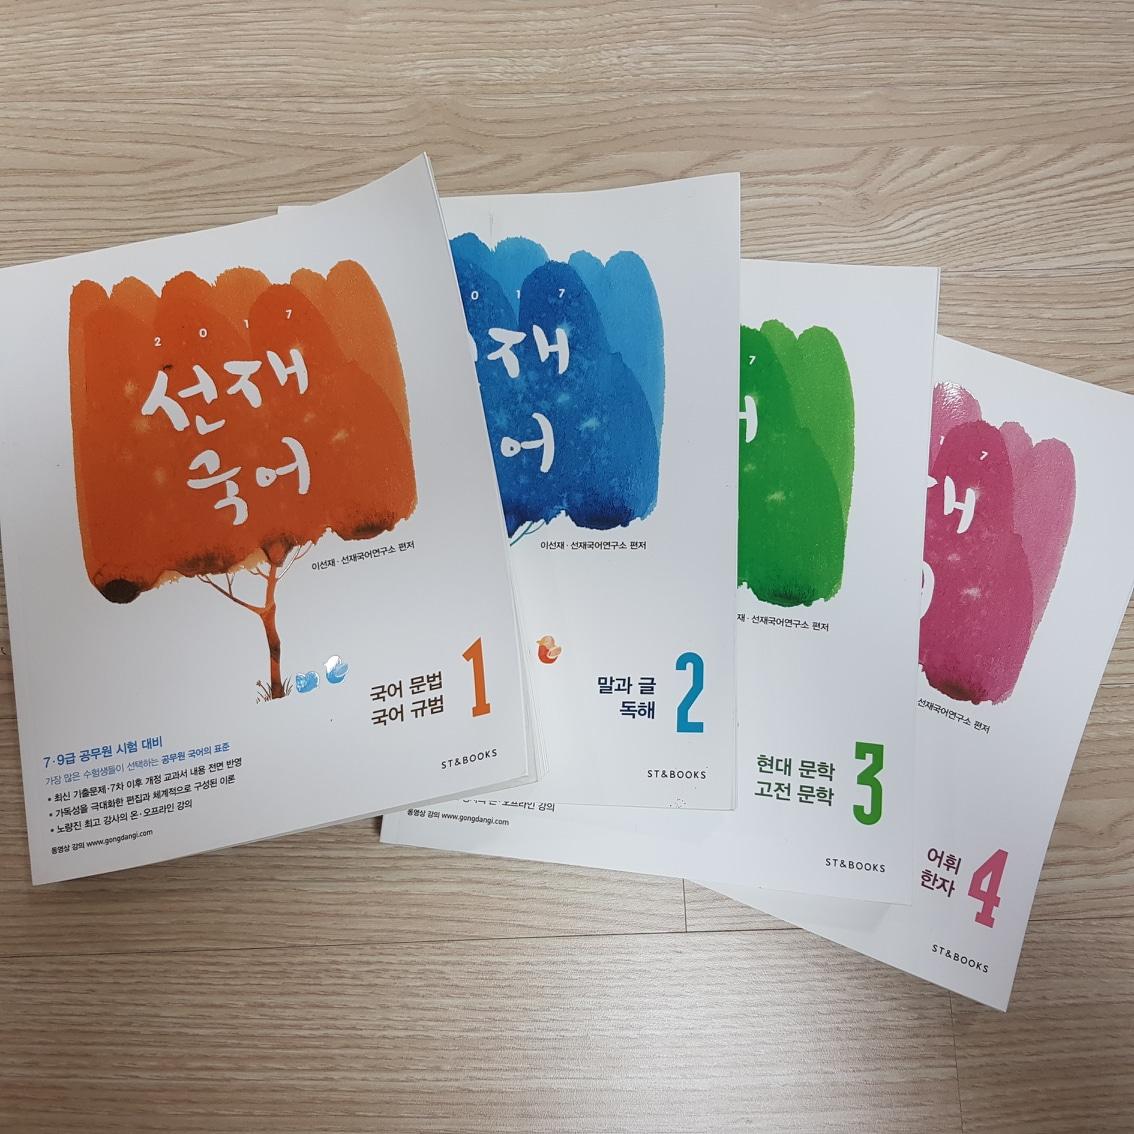 공무원 준비하시는 분~국어 책(깨끗한 새책)판매합니다^^